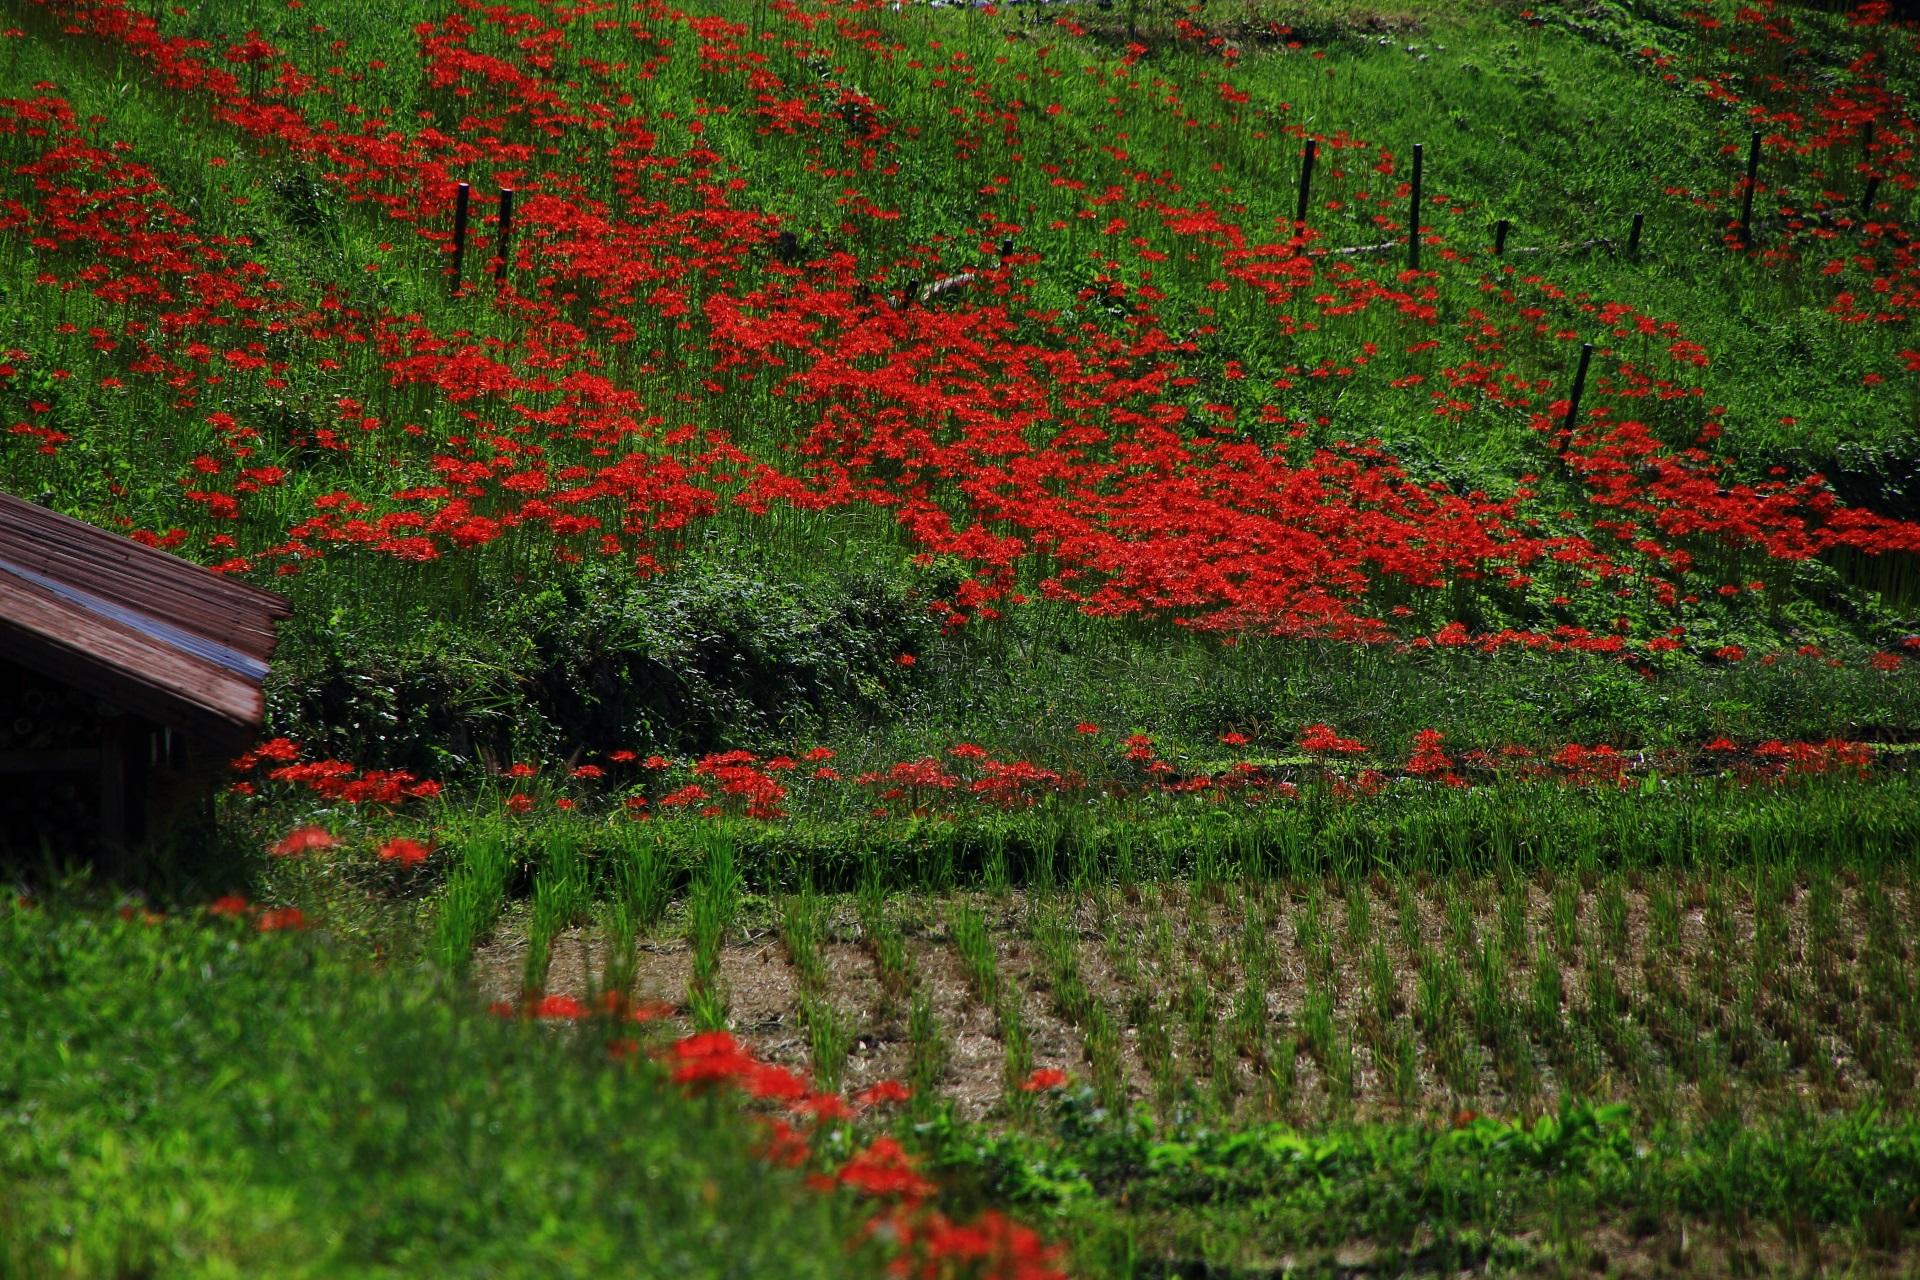 緑の斜面に咲く一面の彼岸花